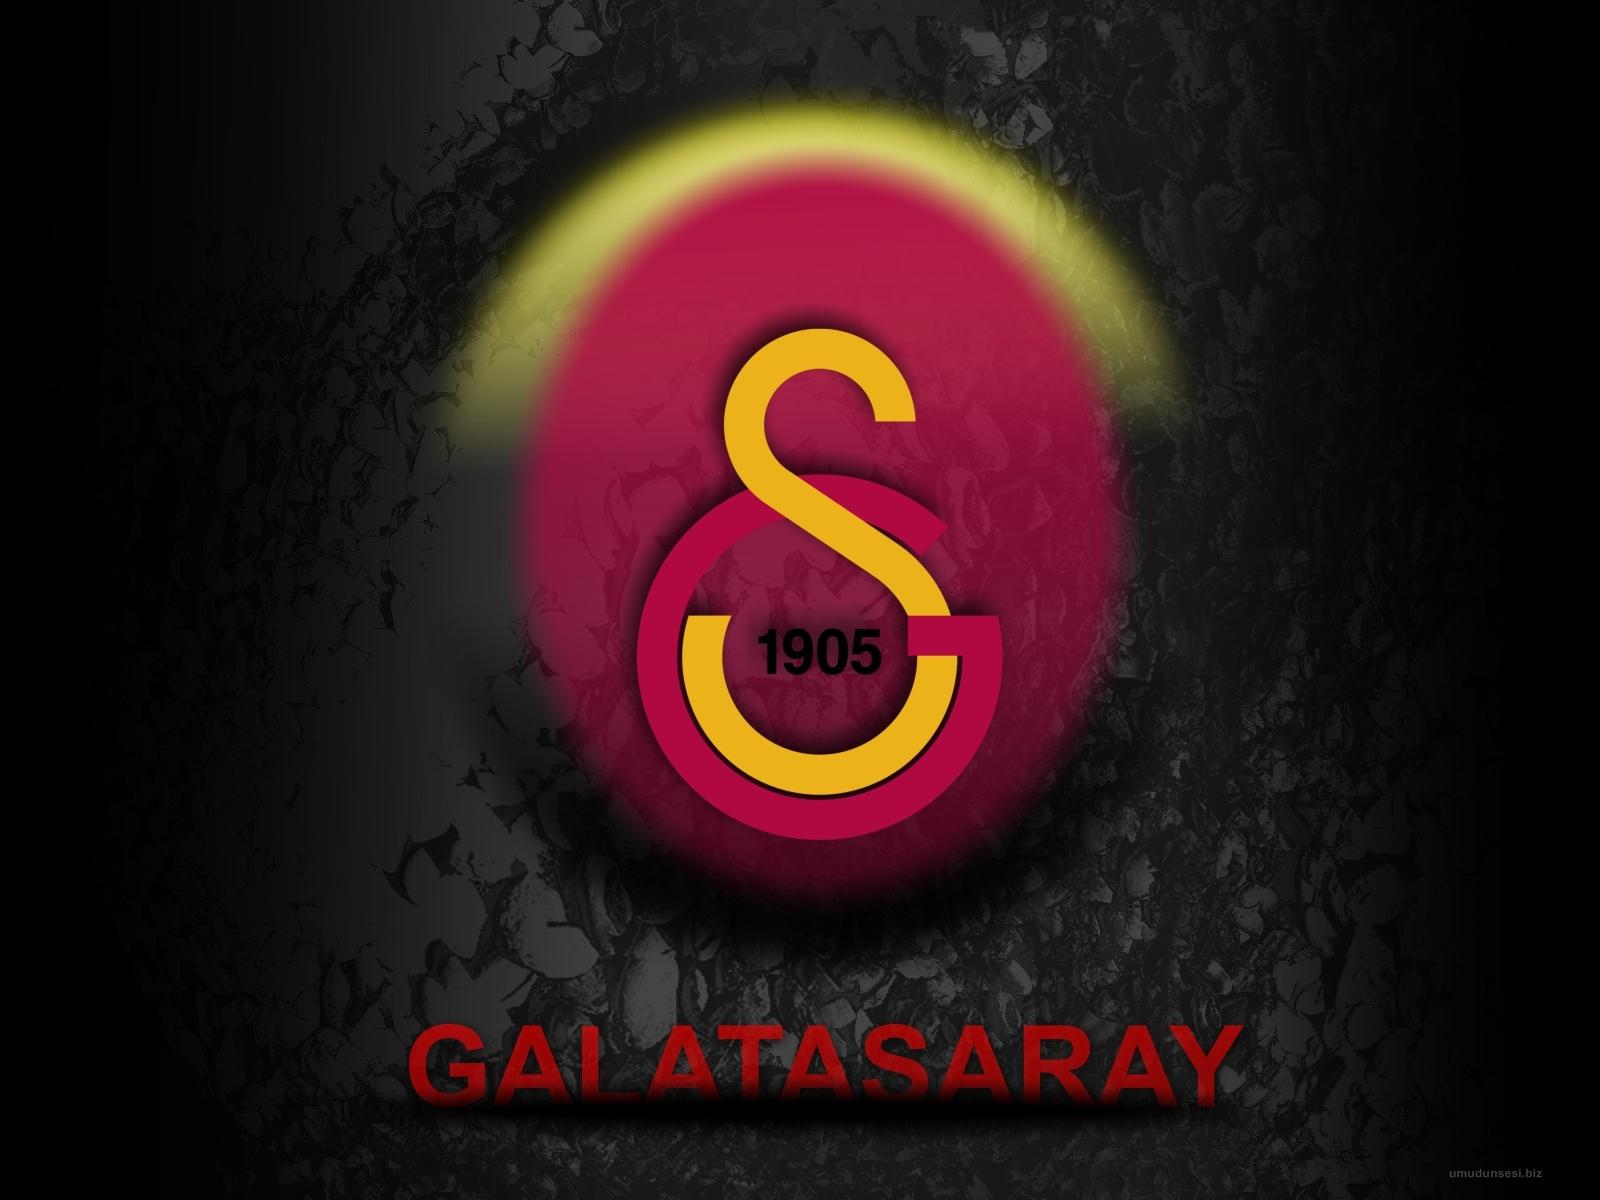 En Gzel Galatasaray Hd Resimleri Hd Wallpapers-4243